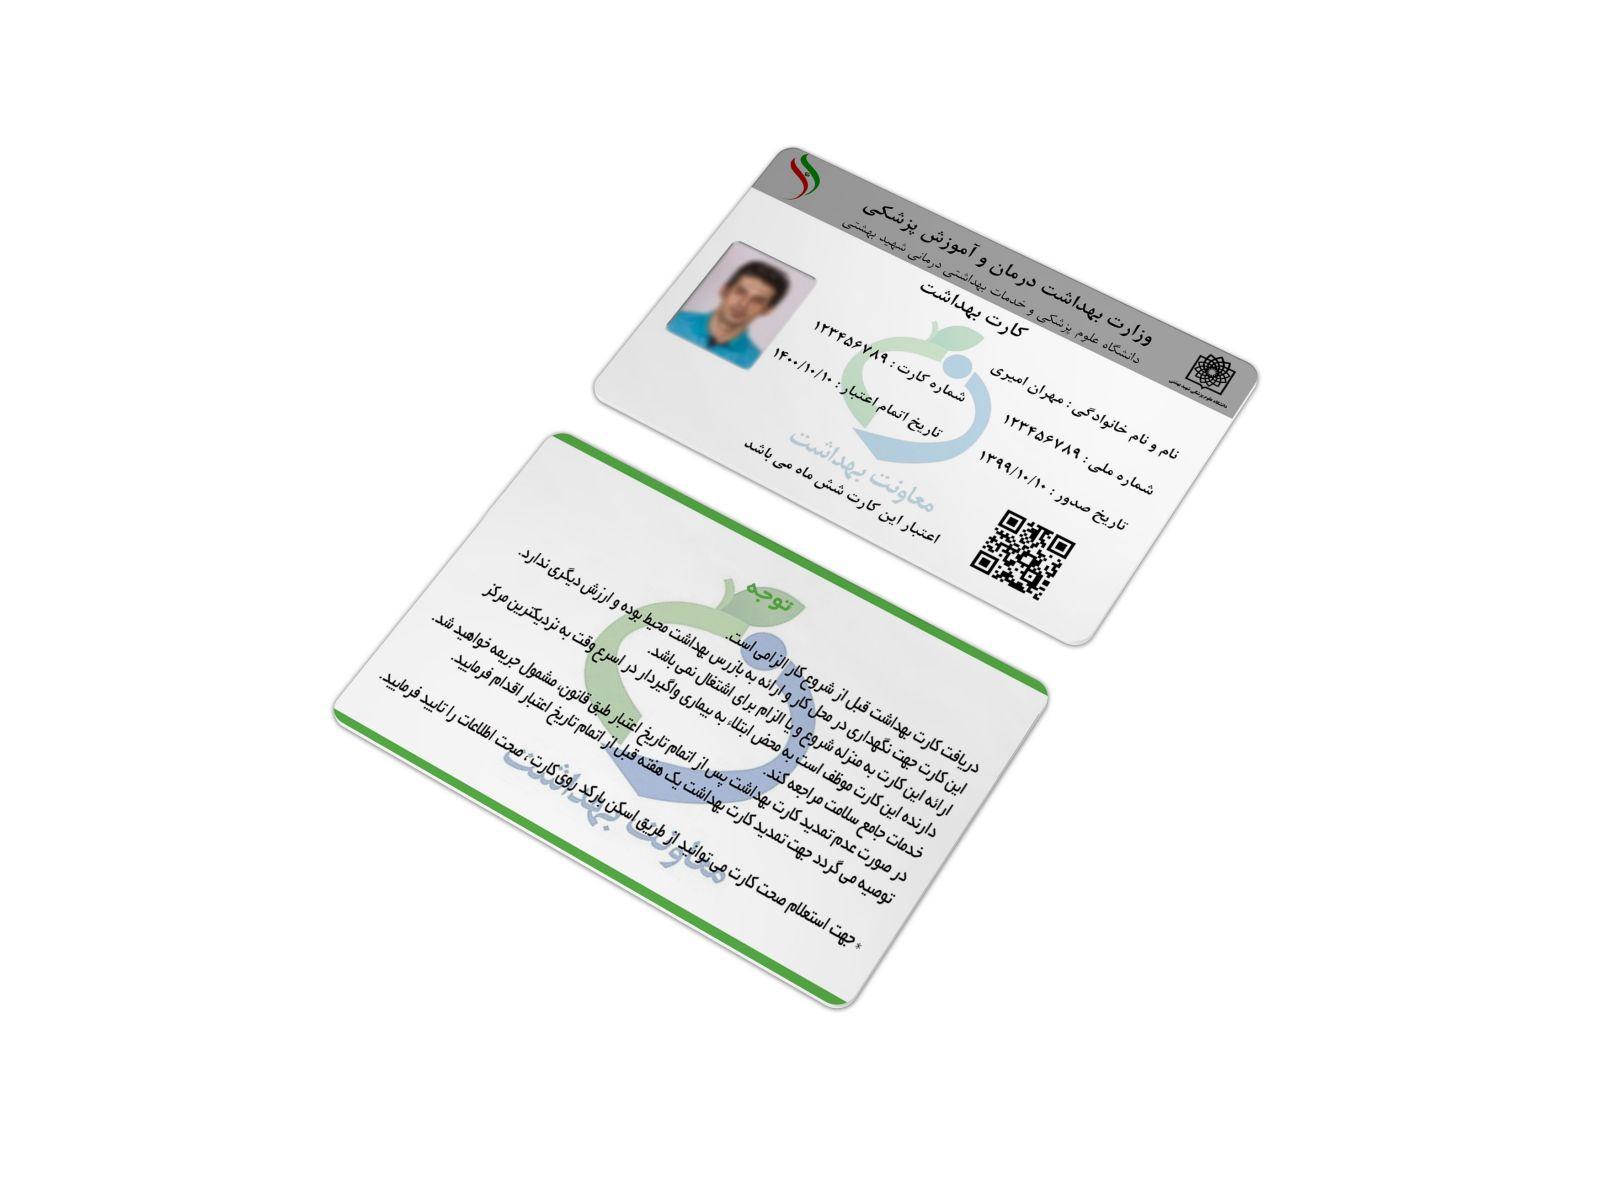 نمونه کارت بهداشت ویژه دفاتر خدمات سلامت و دفاتر پیشخوان دولت